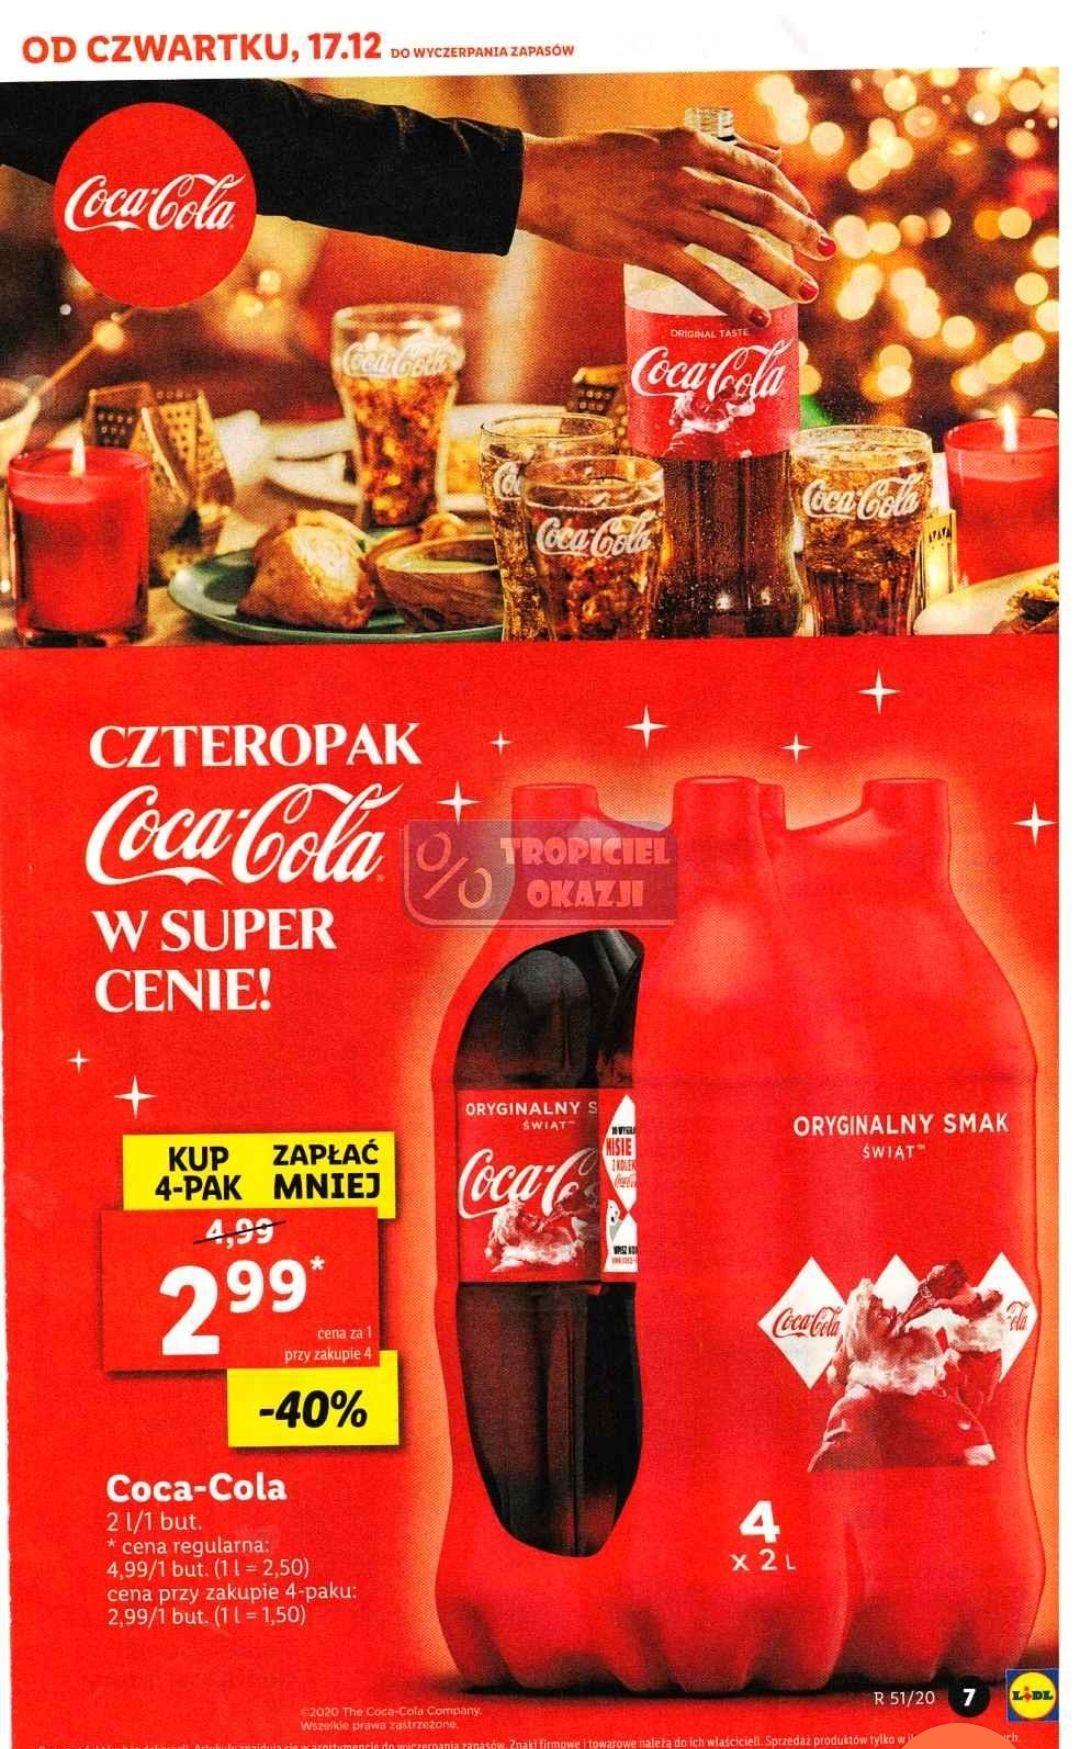 Coca cola 2 l za 2,99 zł przy zakupie 4 butelek w Lidlu